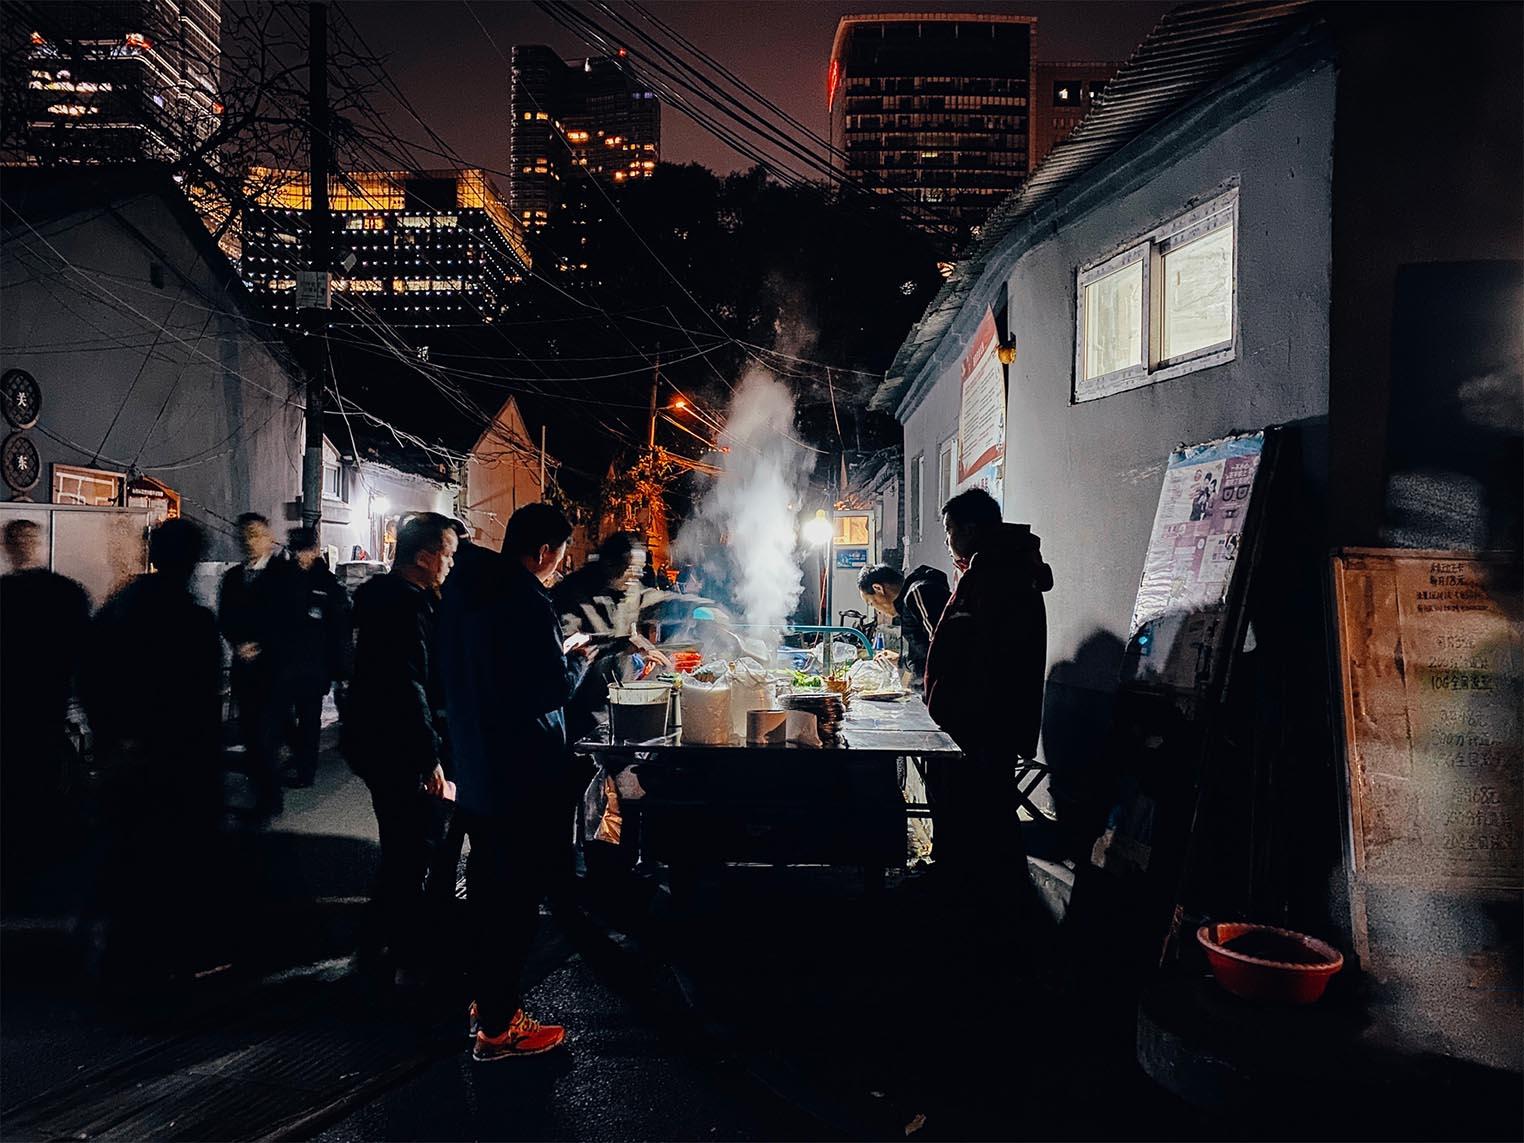 Concours photos nuit Apple 2020